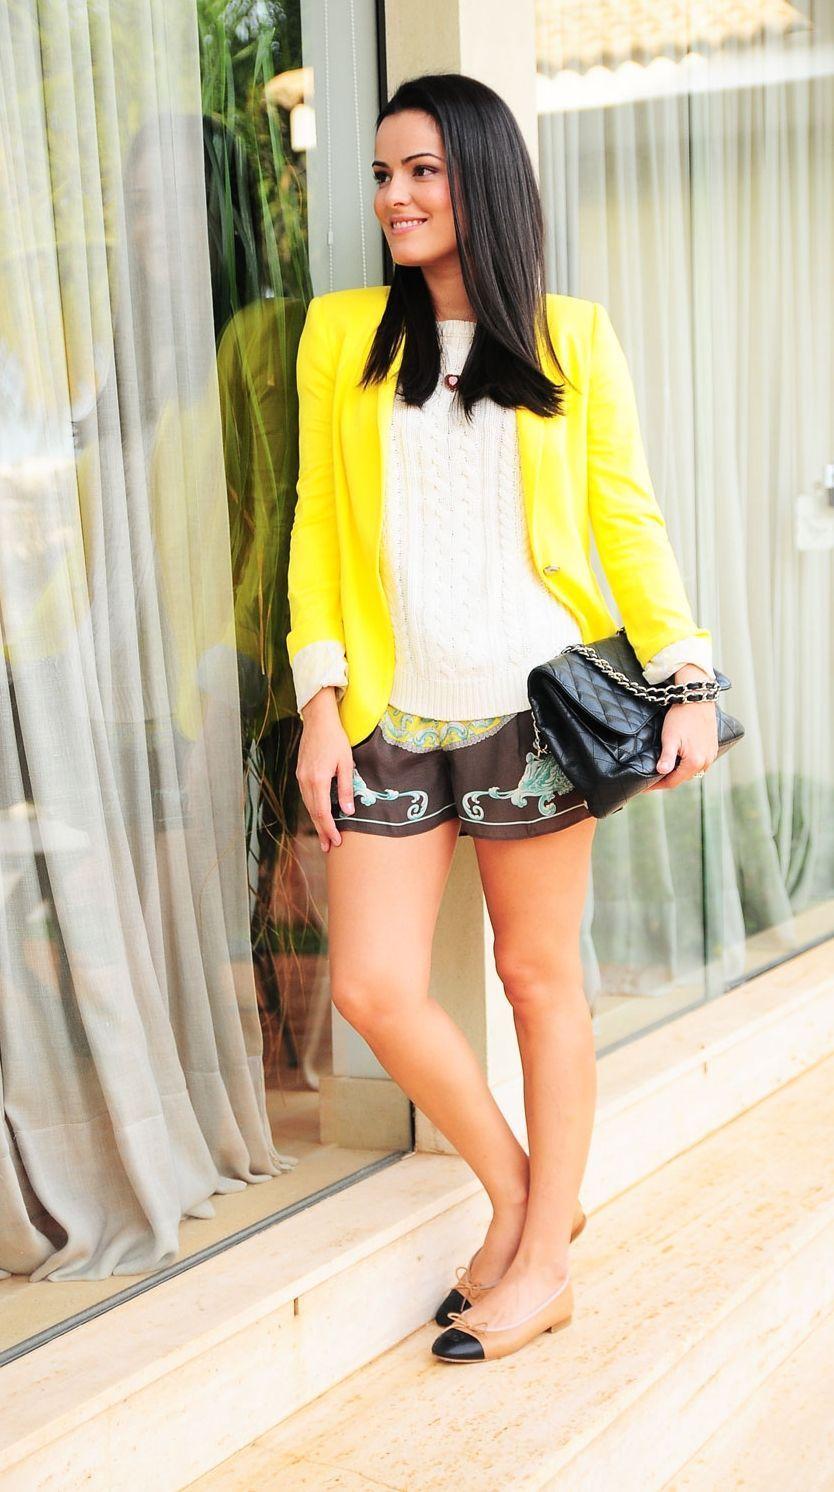 """Foto: Reprodução / <a href=""""http://www.blogdamariah.com.br/index.php/2012/06/look-do-dia-short-estampado/"""" target=""""_blank"""">Blog da Mariah</a>"""